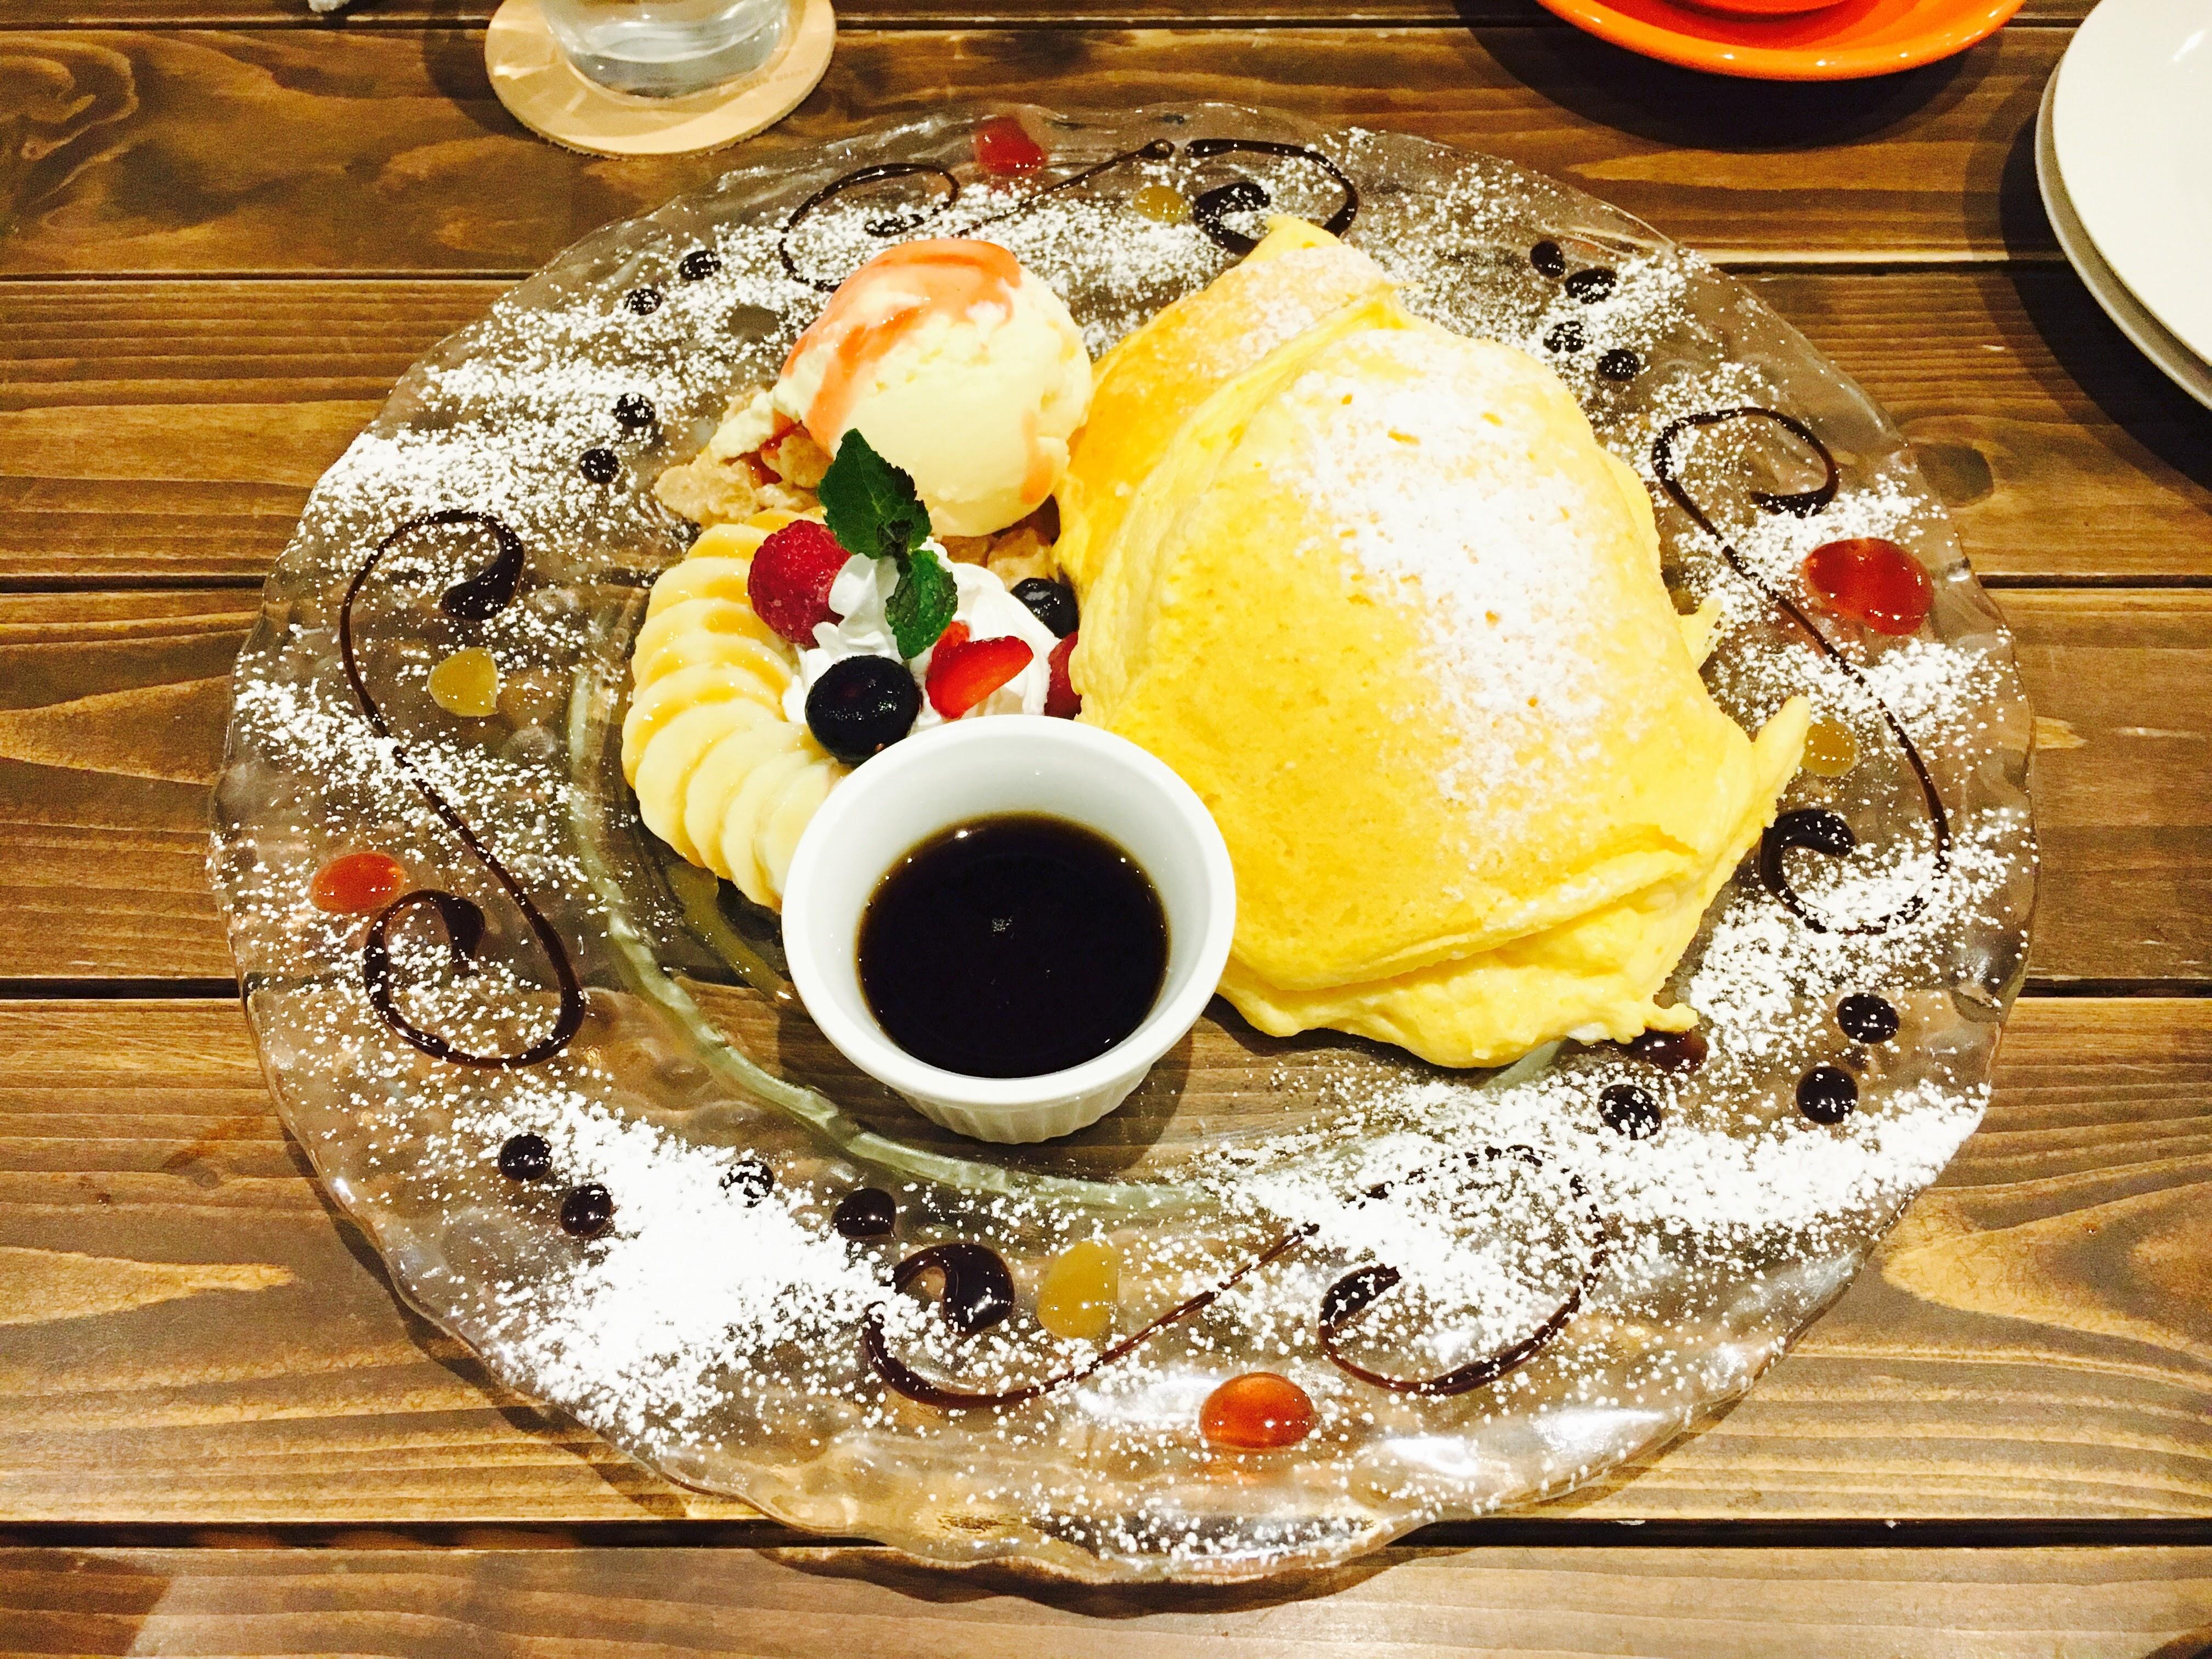 【夜カフェ】上通で21時以降に来店できるおすすめの夜カフェ5選